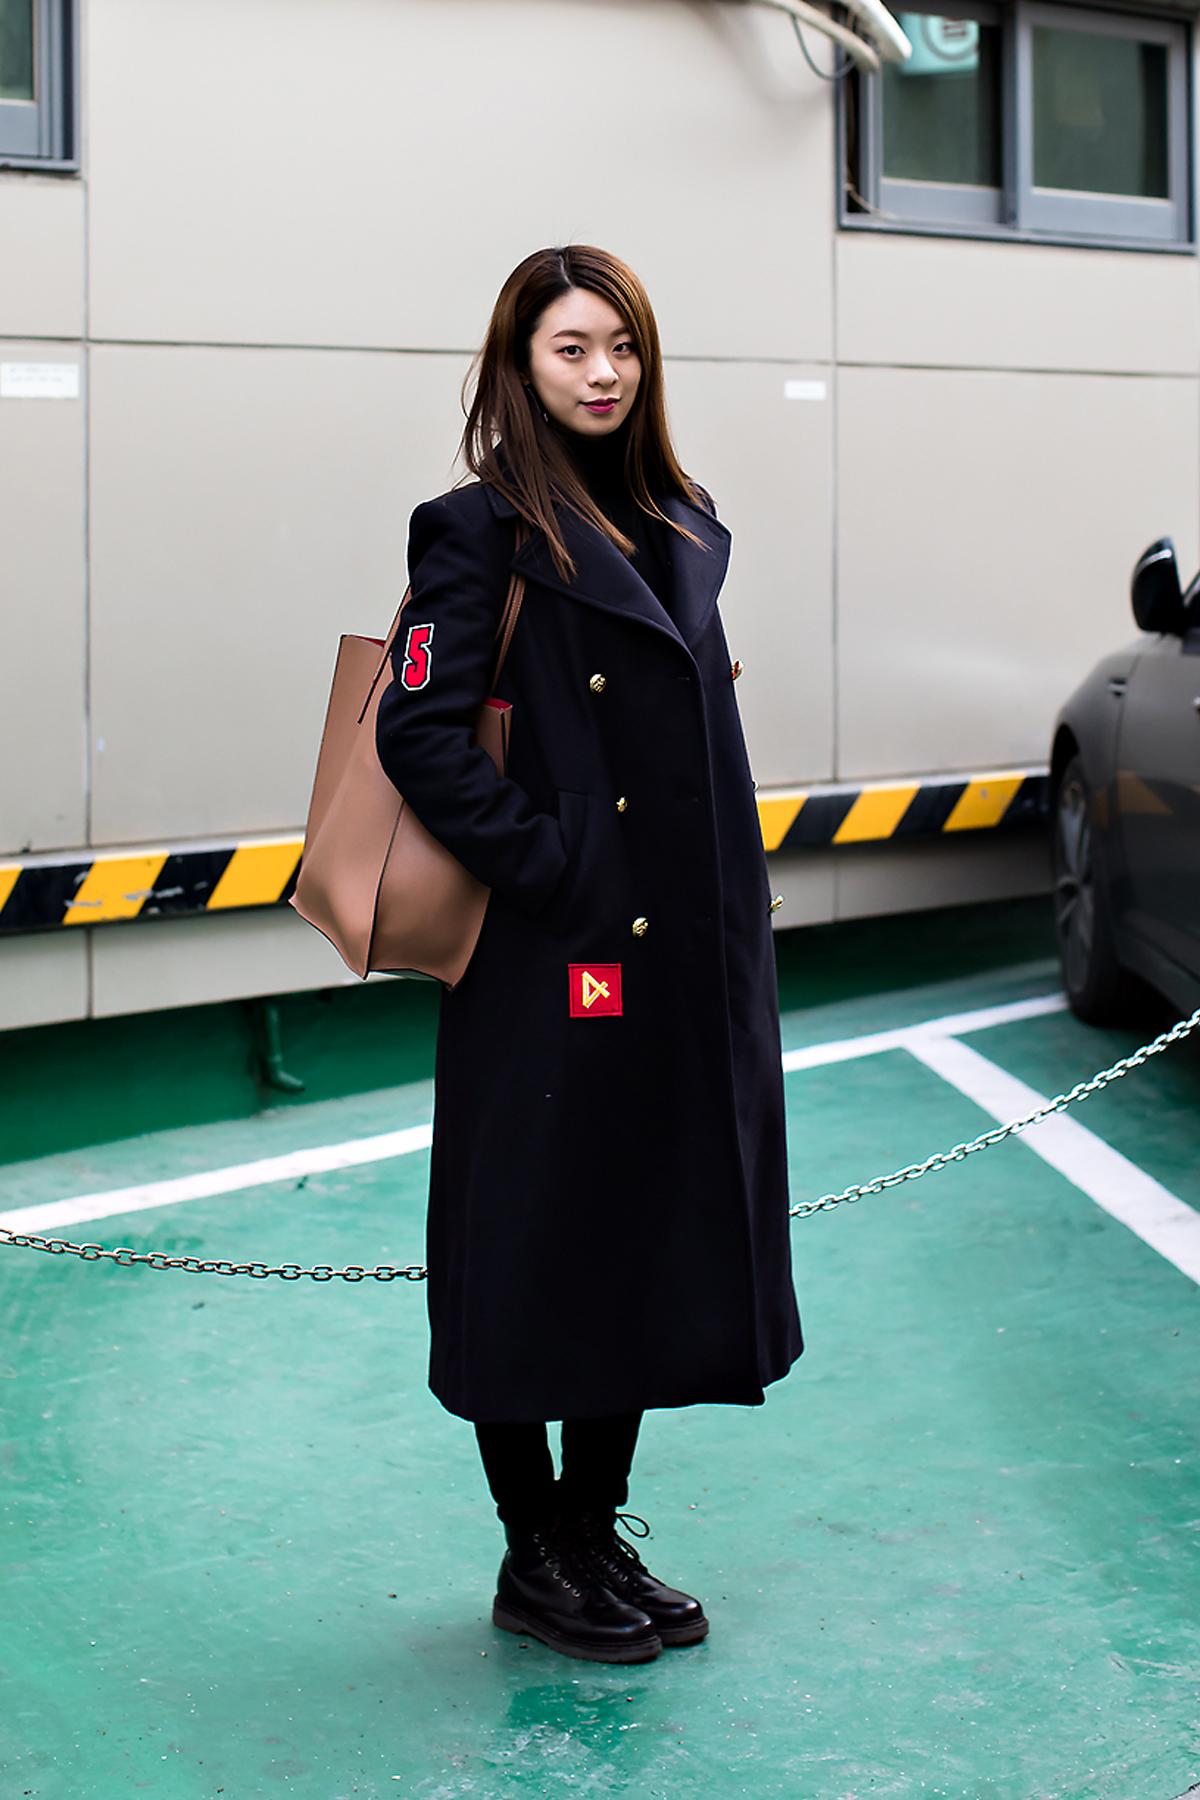 Lee Saye, Street Fashion 2017 in SEOUL.jpg